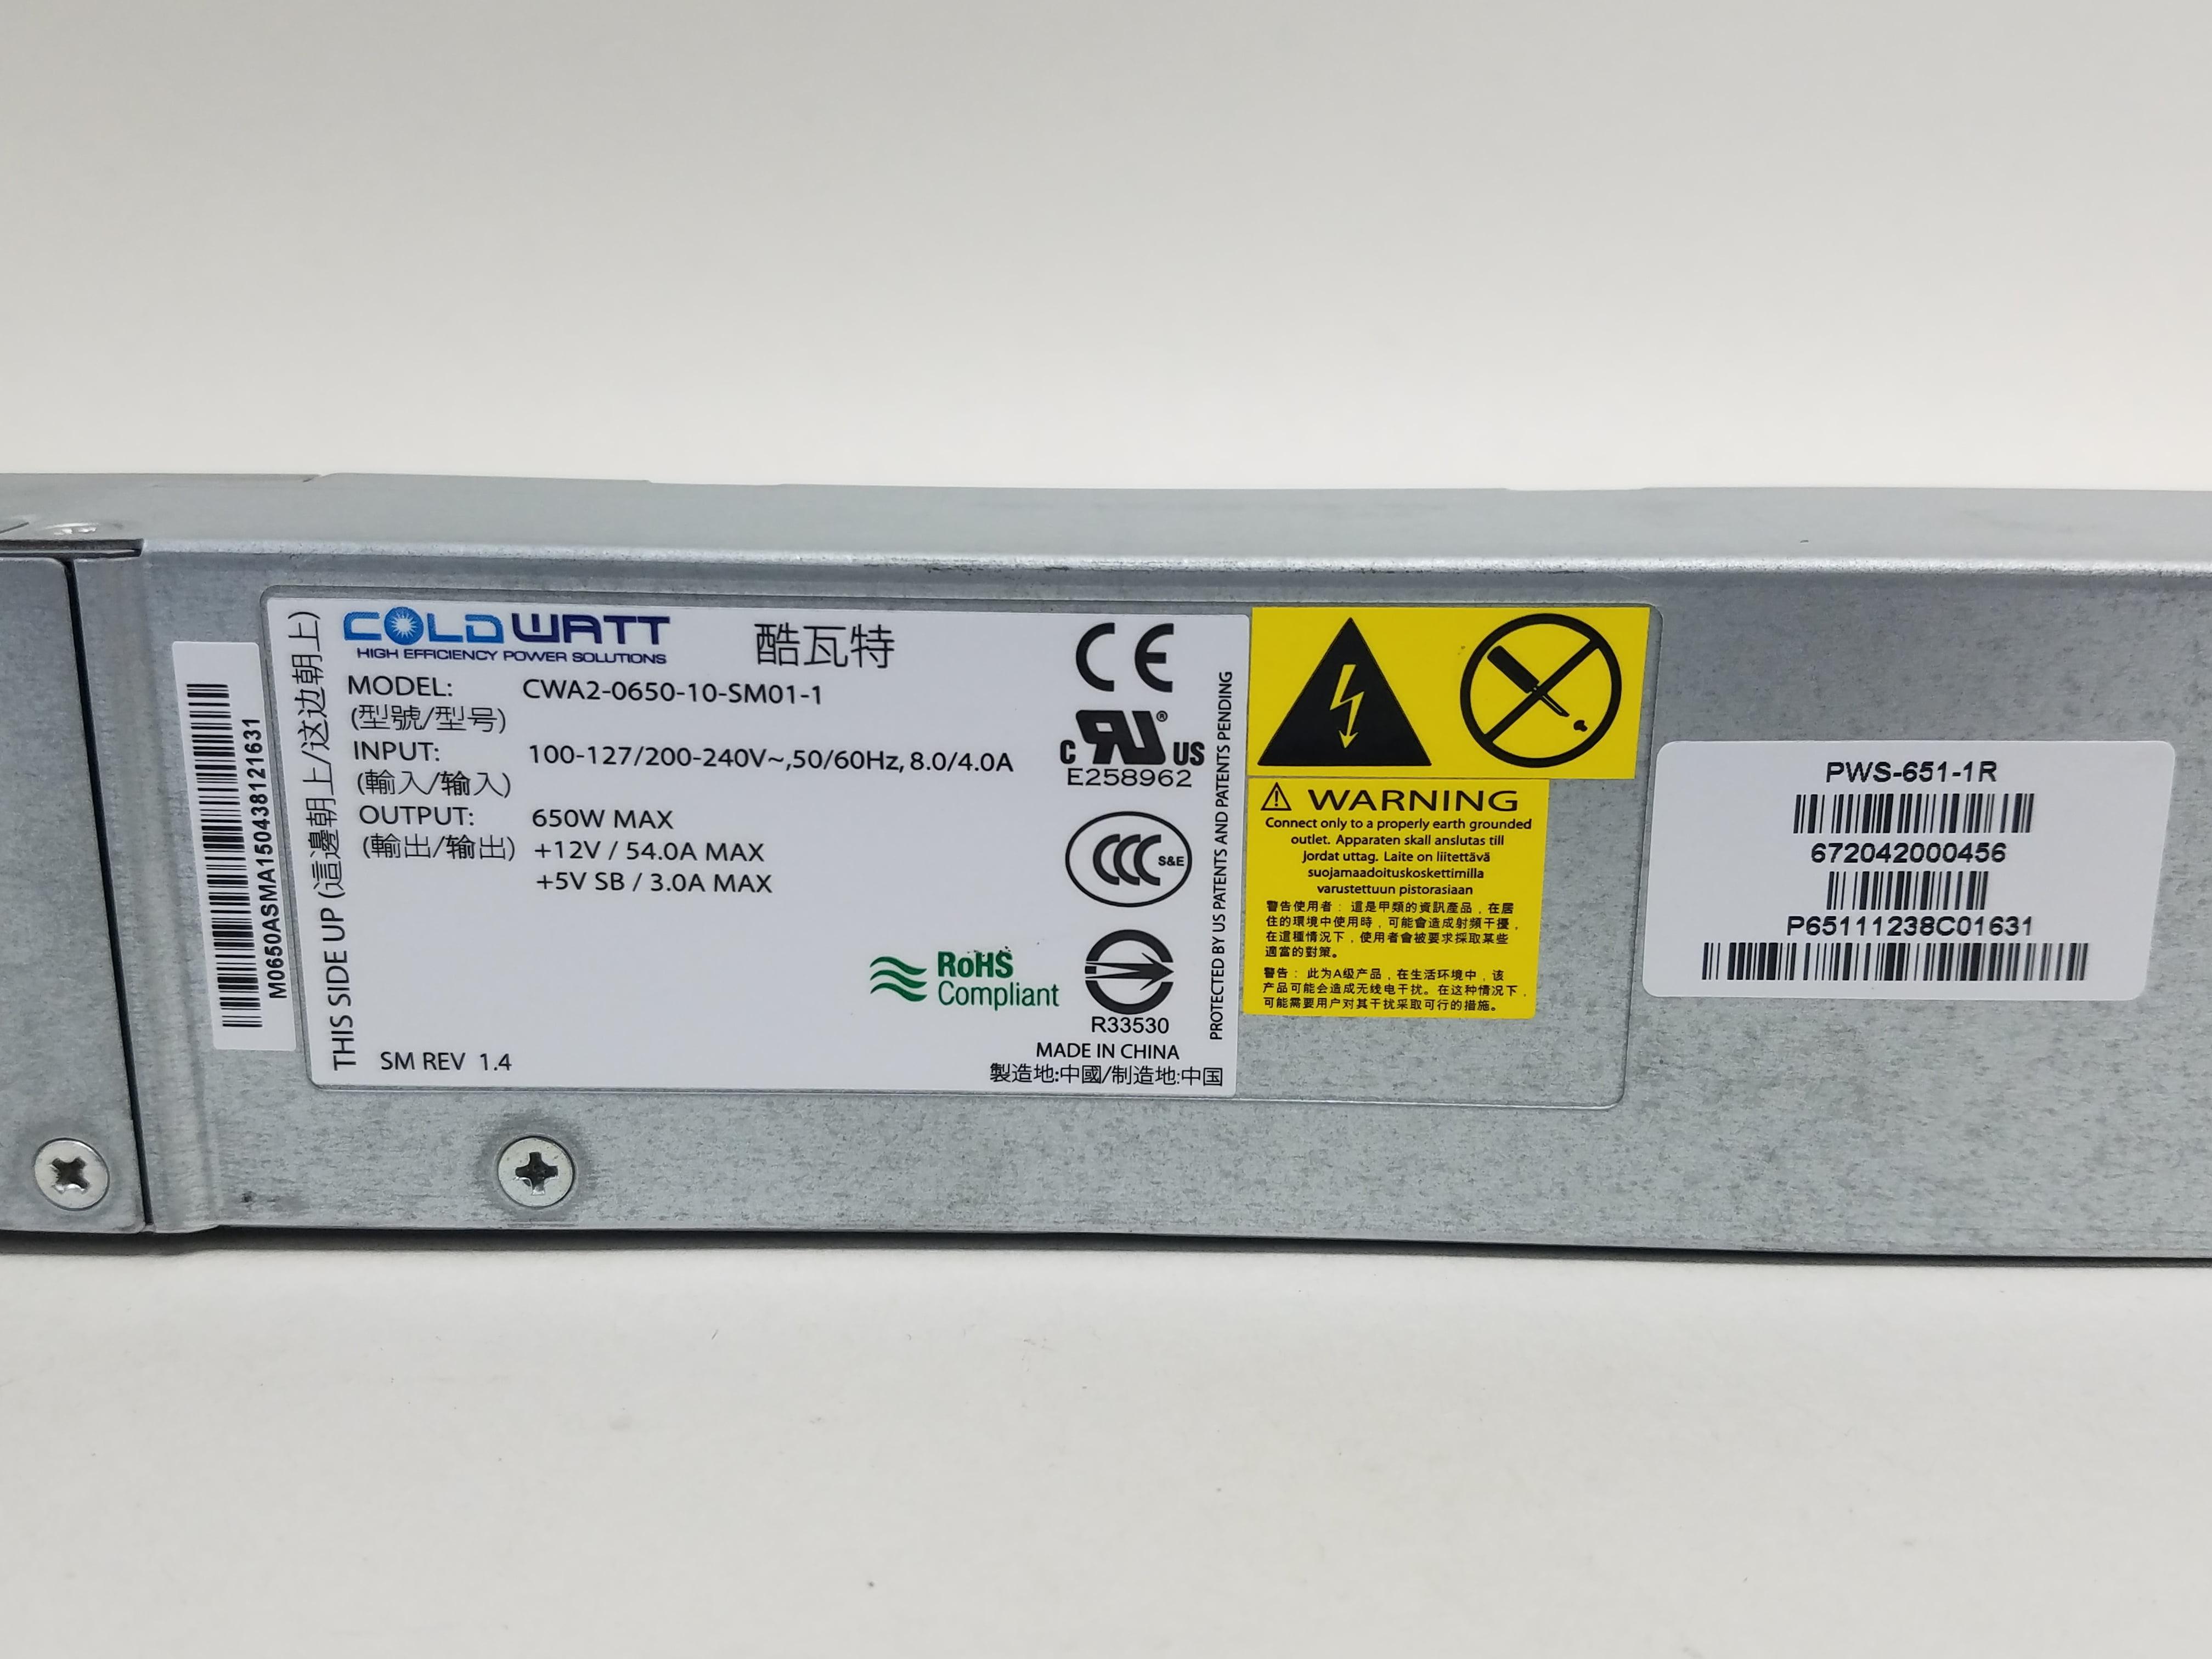 Coldwatt CWA2-0650-10-SM01 650W Power Supply Supermicro PWS-651-1R